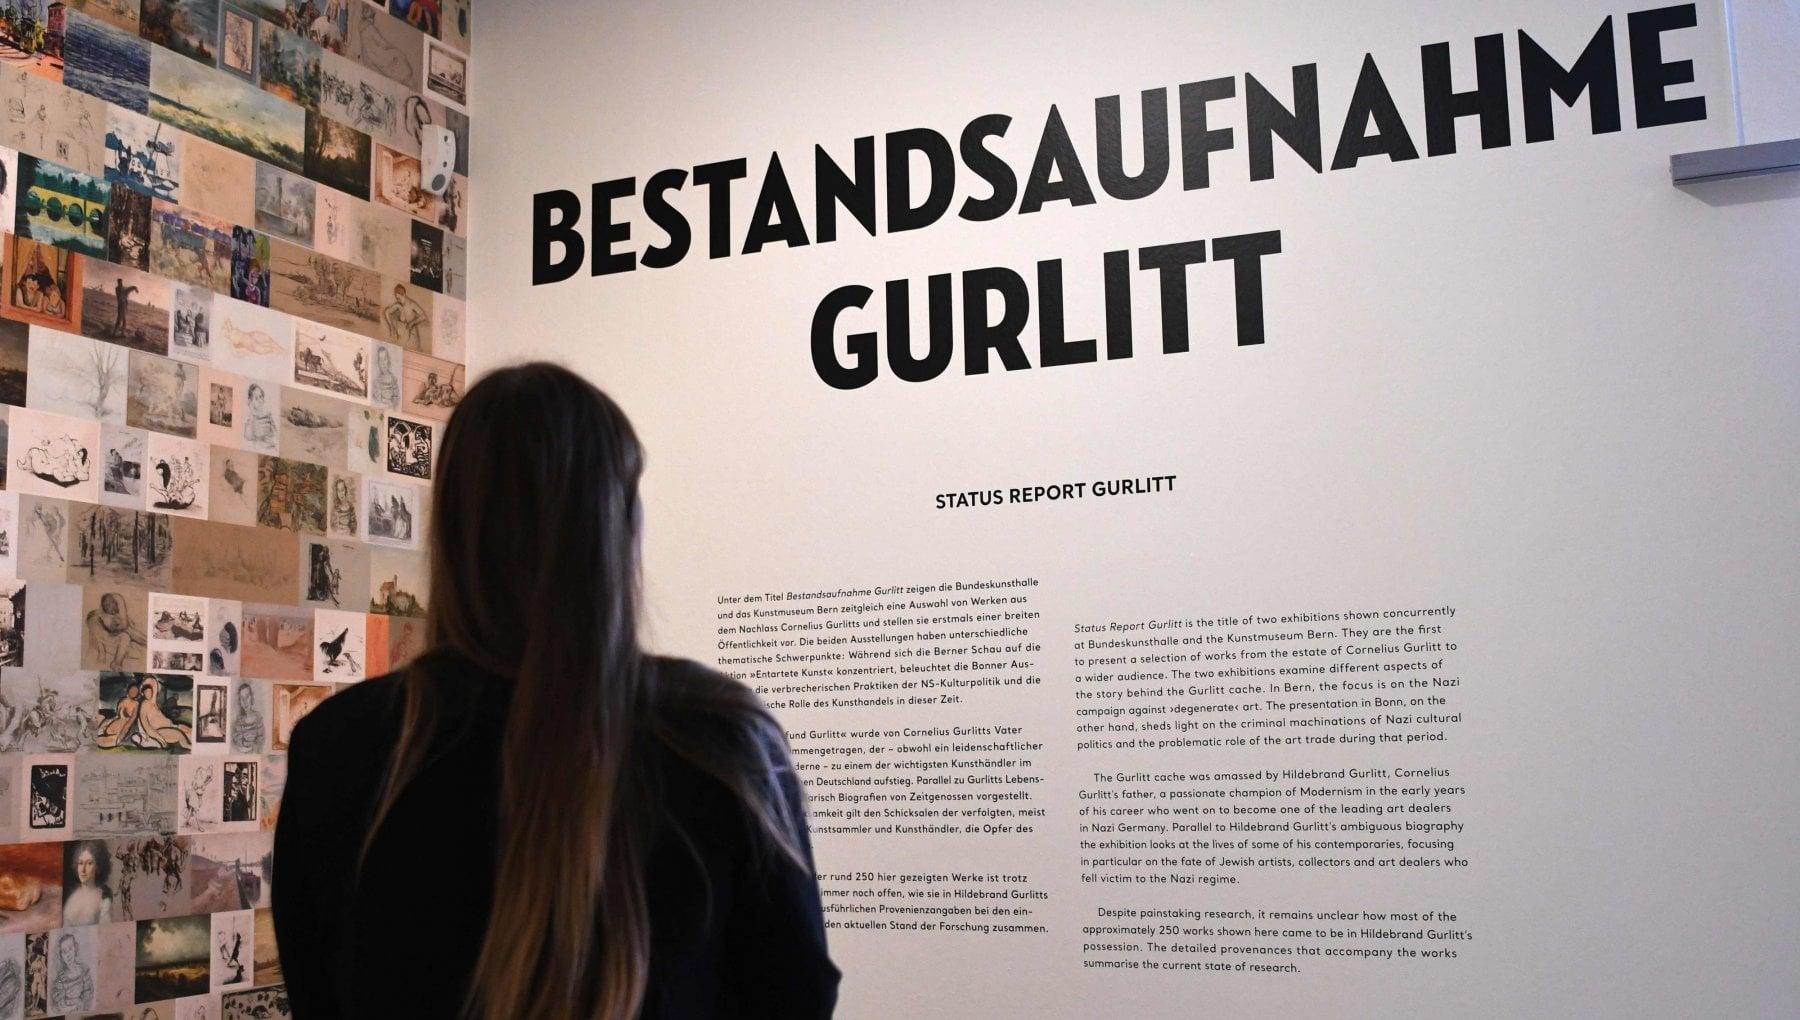 """122611146 948328d0 ffd0 419d 8a60 47622d952933 - Germania, l'arte rubata da Hitler: restituito l'ultimo quadro """"identificato"""" del tesoro di Gurlitt"""